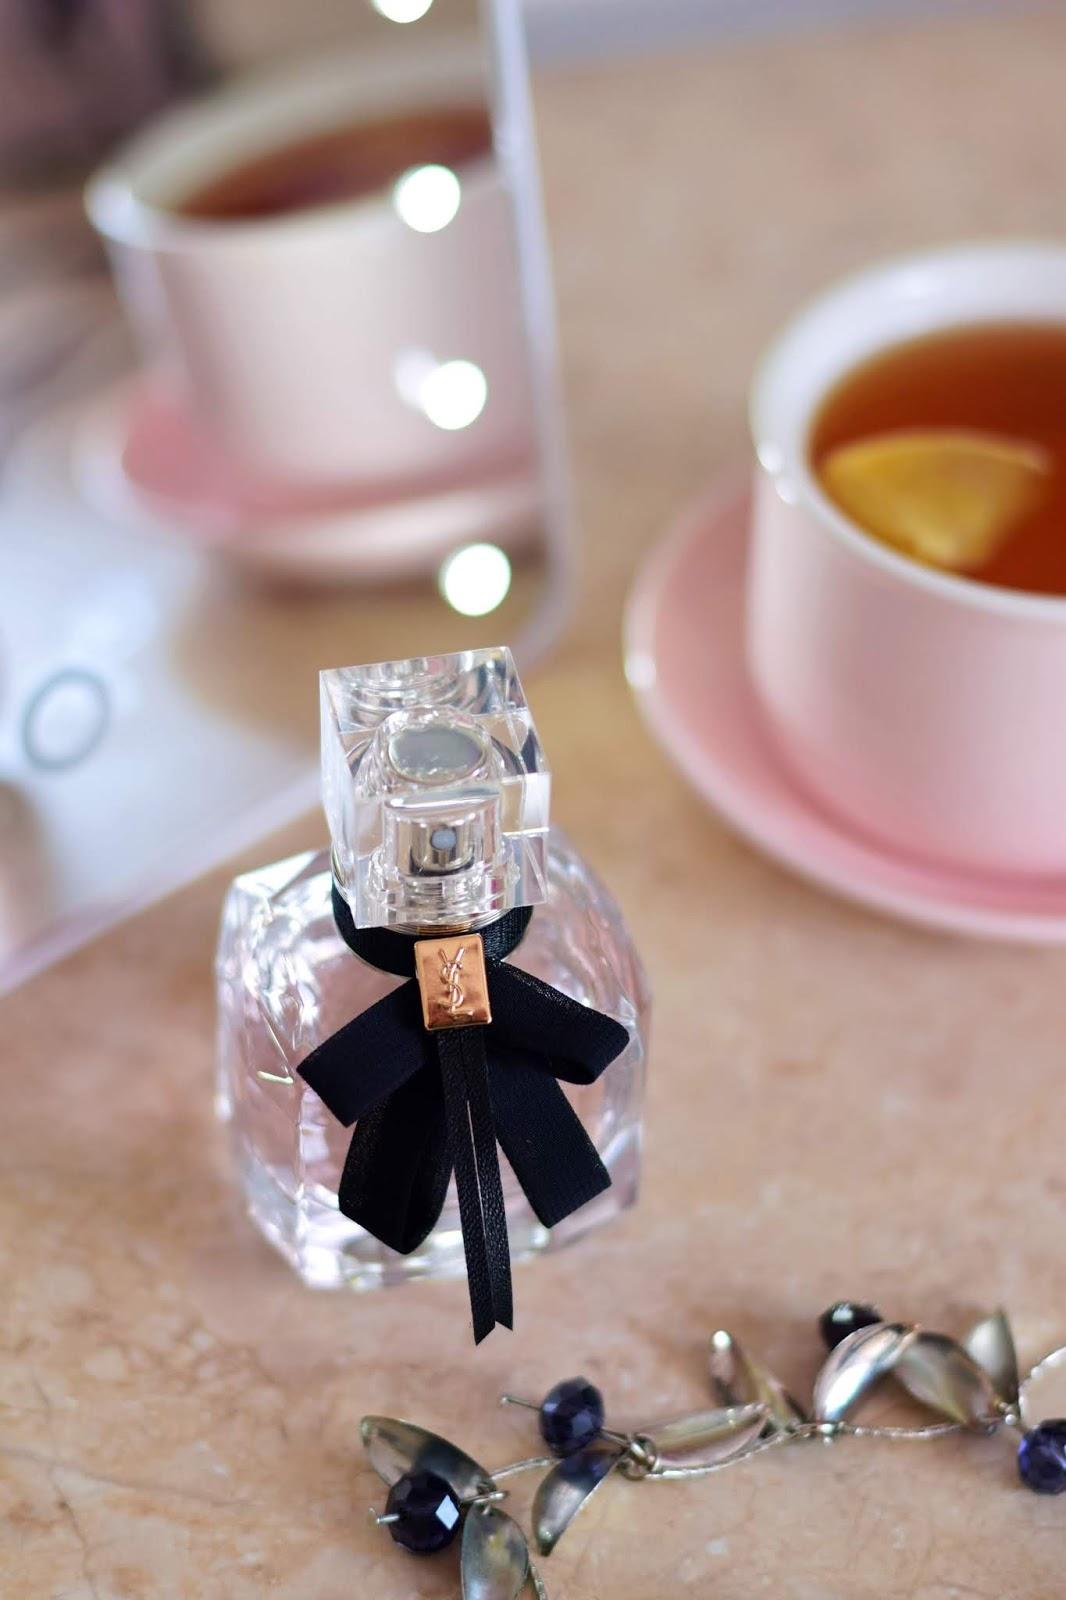 Yves Saint Laurent, Mon Paris | Zapach dla stylowej kobiety